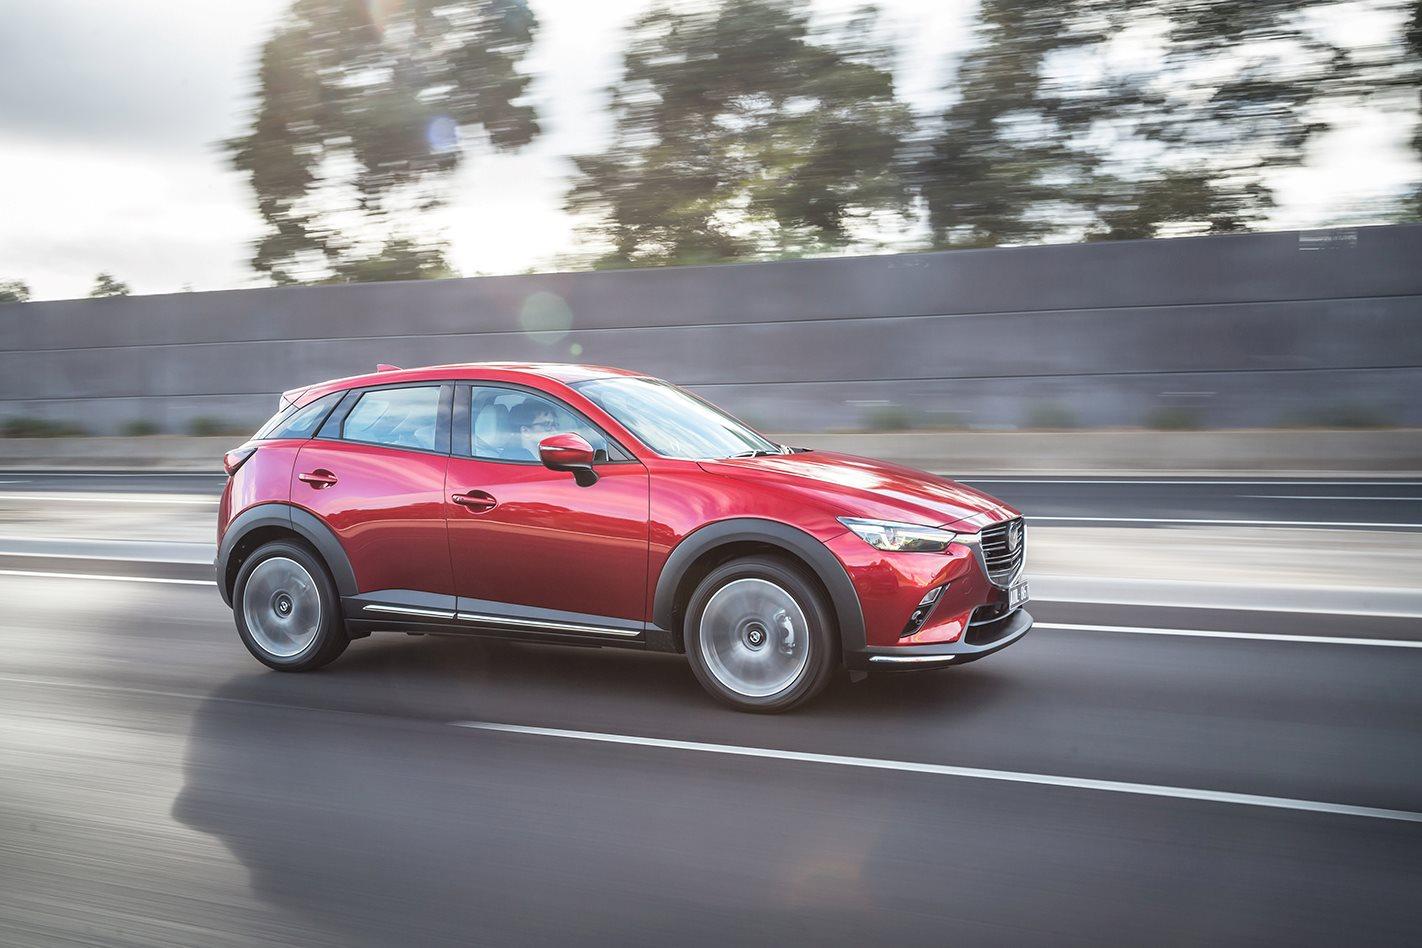 Kekurangan Mazda Cx 3 2020 Review